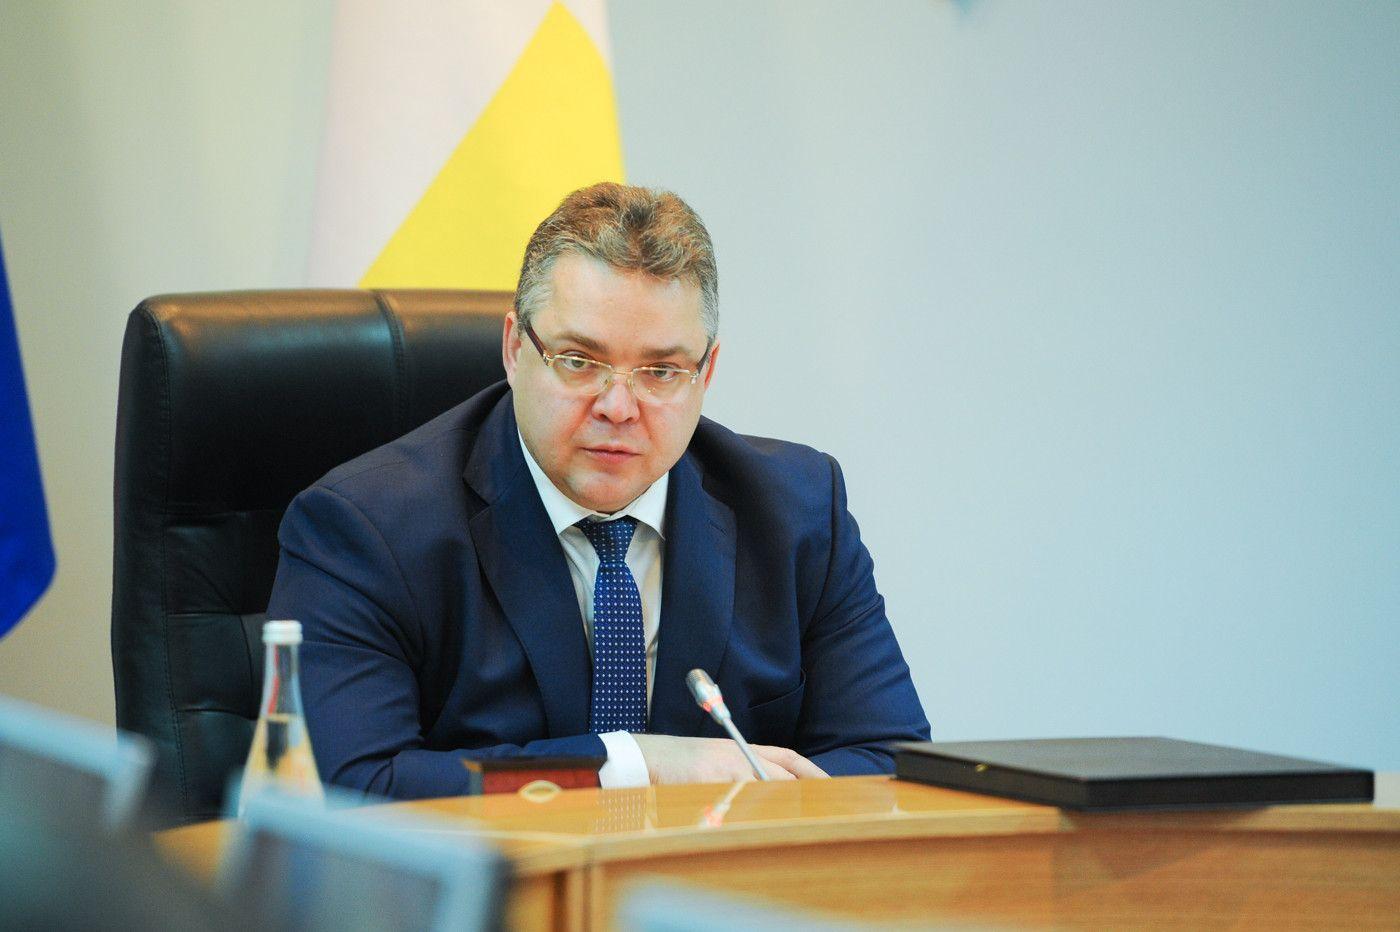 Федеральные земли переданы Ставропольскому краю